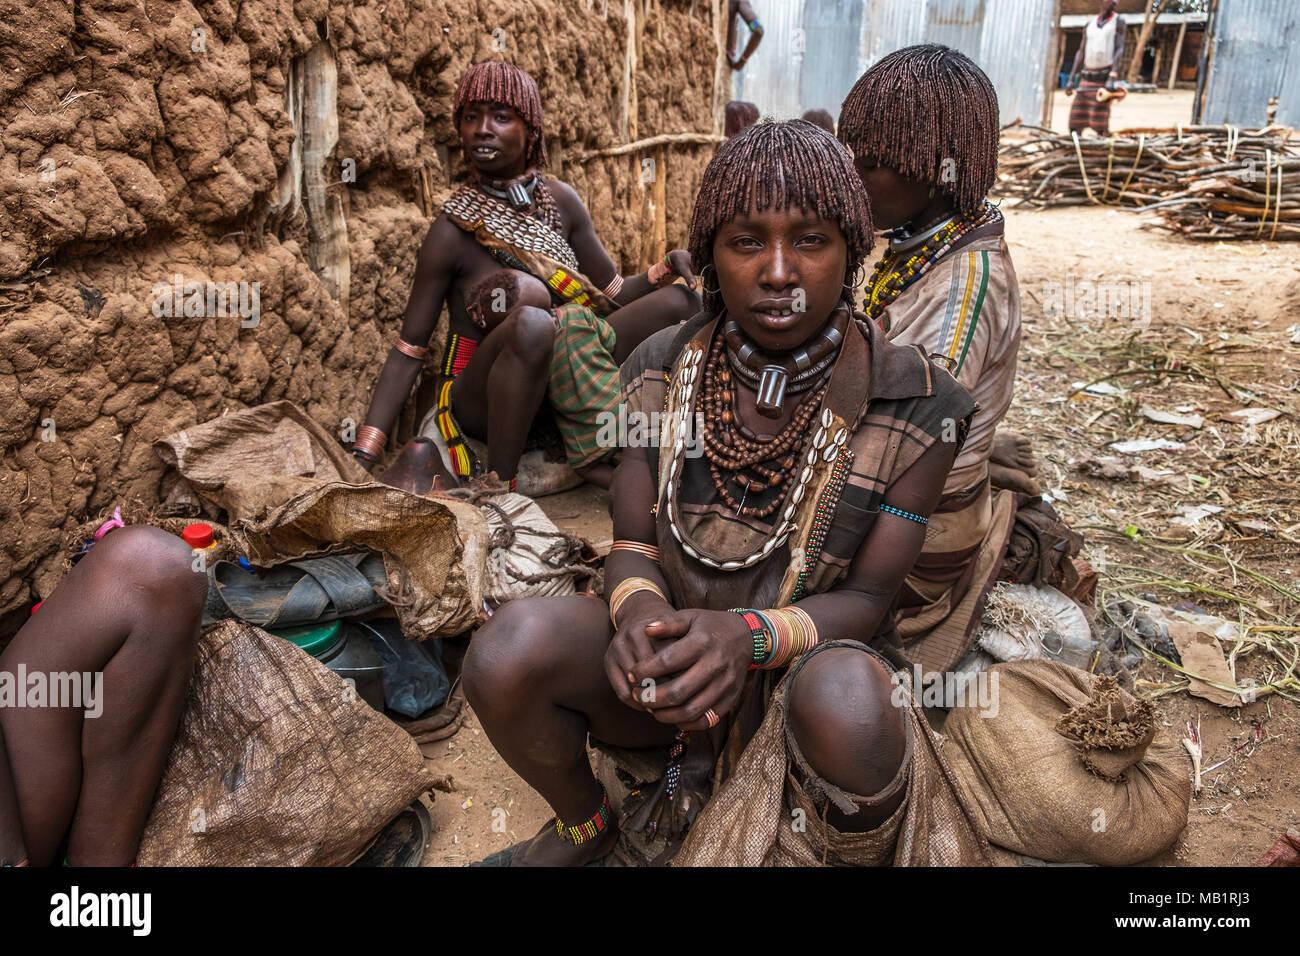 Ethiopia People Talking Stock Photos & Ethiopia People